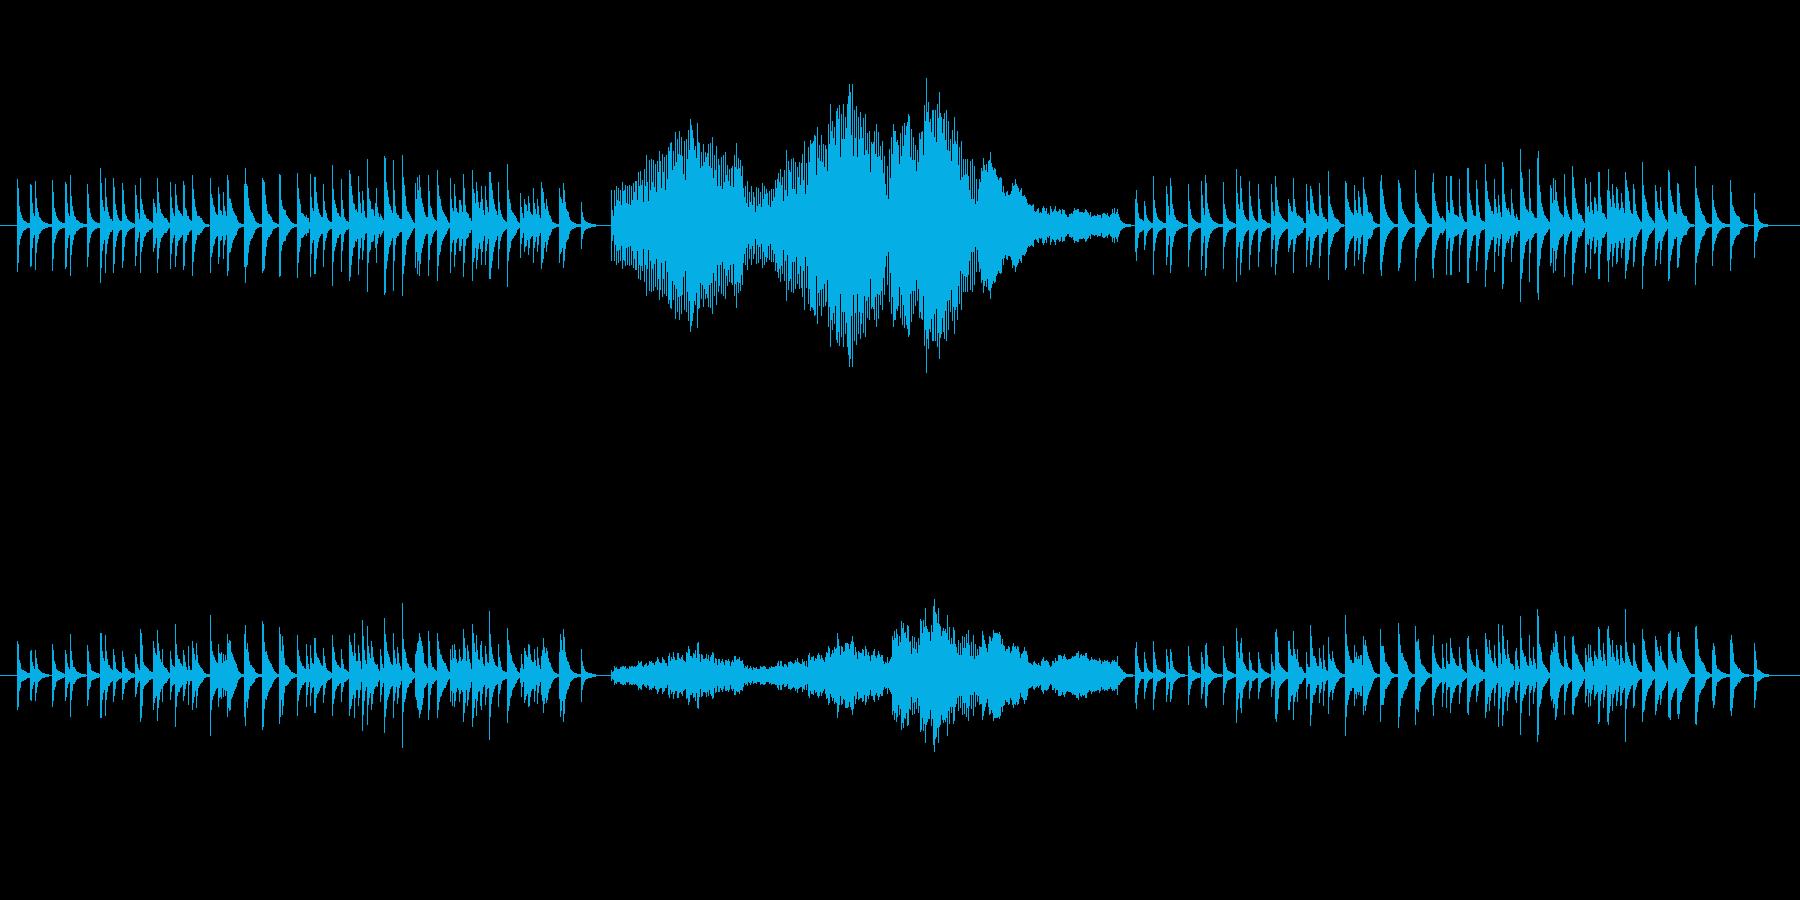 和風というか古風な感じのオルゴール楽曲…の再生済みの波形